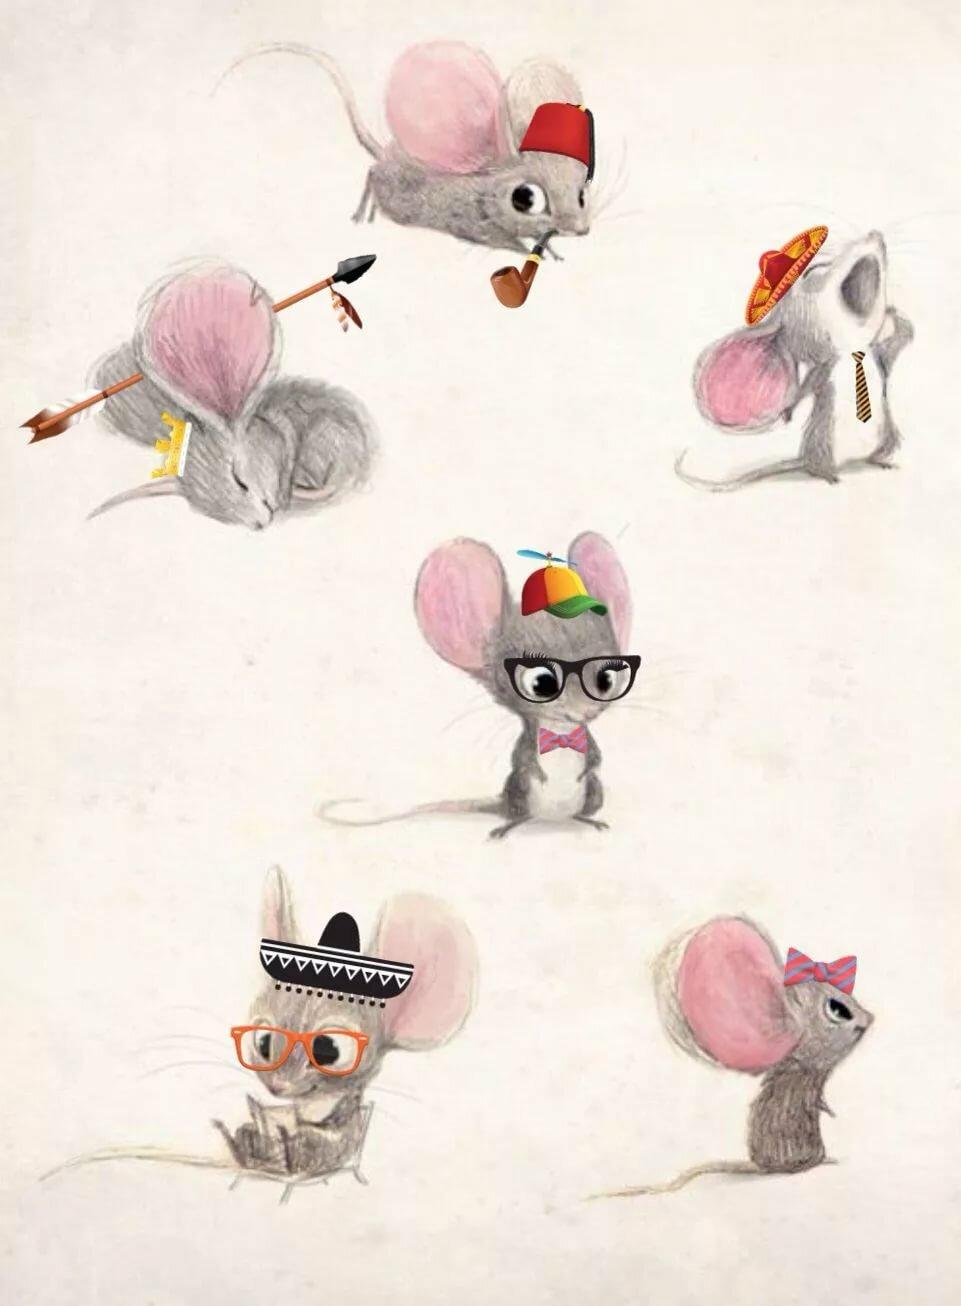 Картинки крысок милых рисованные